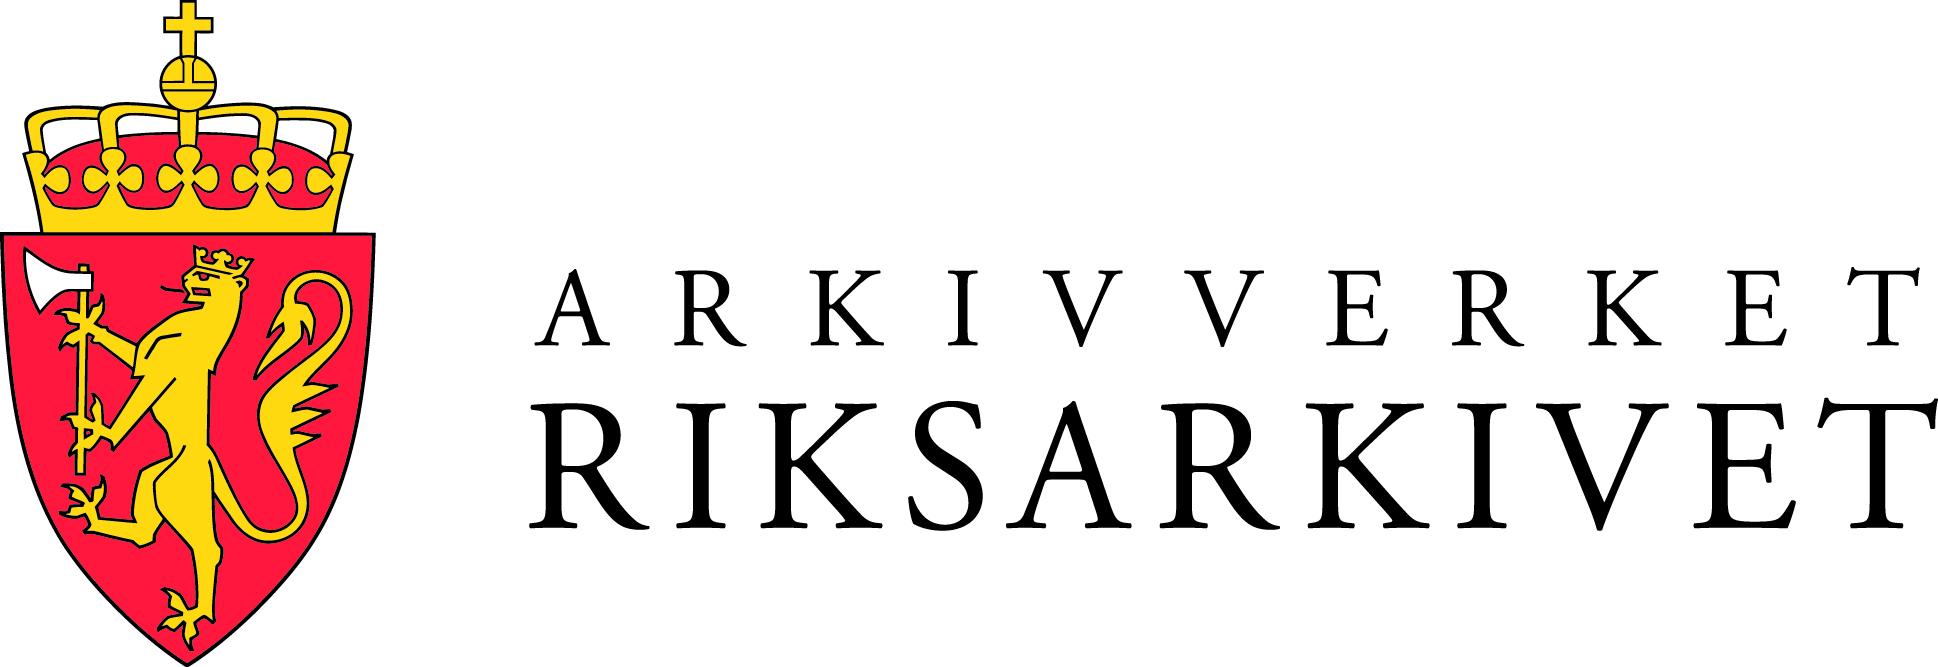 Arkivverket_riksarkiv_cmyk